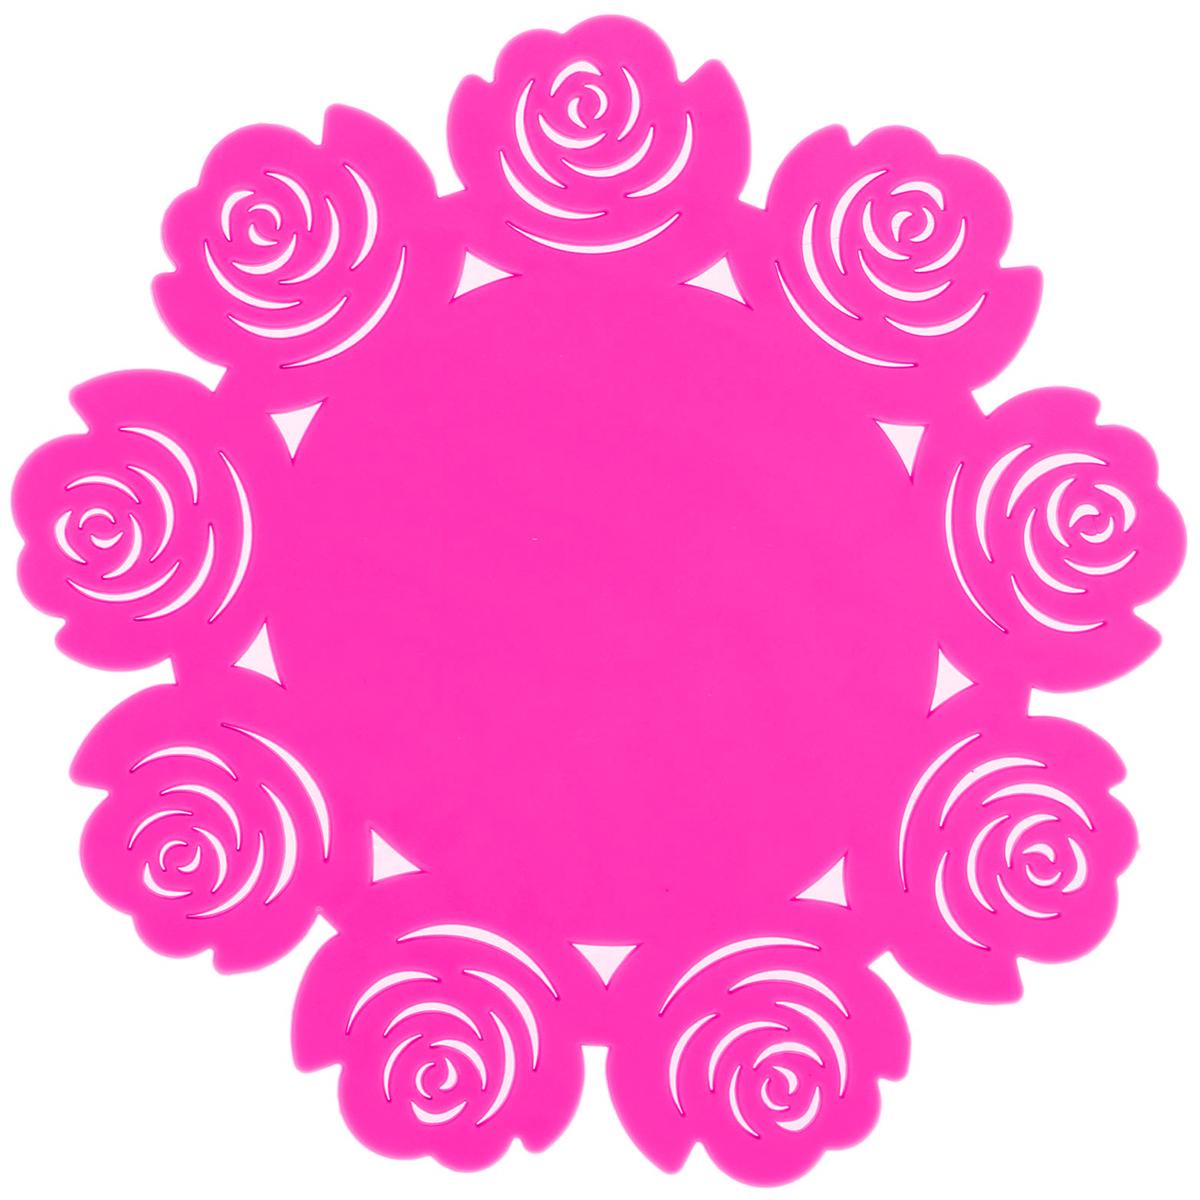 Подставка под горячее Доляна Летний домик, цвет: розовый, диаметр 16 см812069_розовыйСиликоновая подставка под горячее Доляна - практичный предмет, который обязательно пригодится в хозяйстве. Изделие поможет сберечь столы, тумбы, скатерти и клеёнки от повреждения нагретыми сковородами, кастрюлями, чайниками и тарелками.